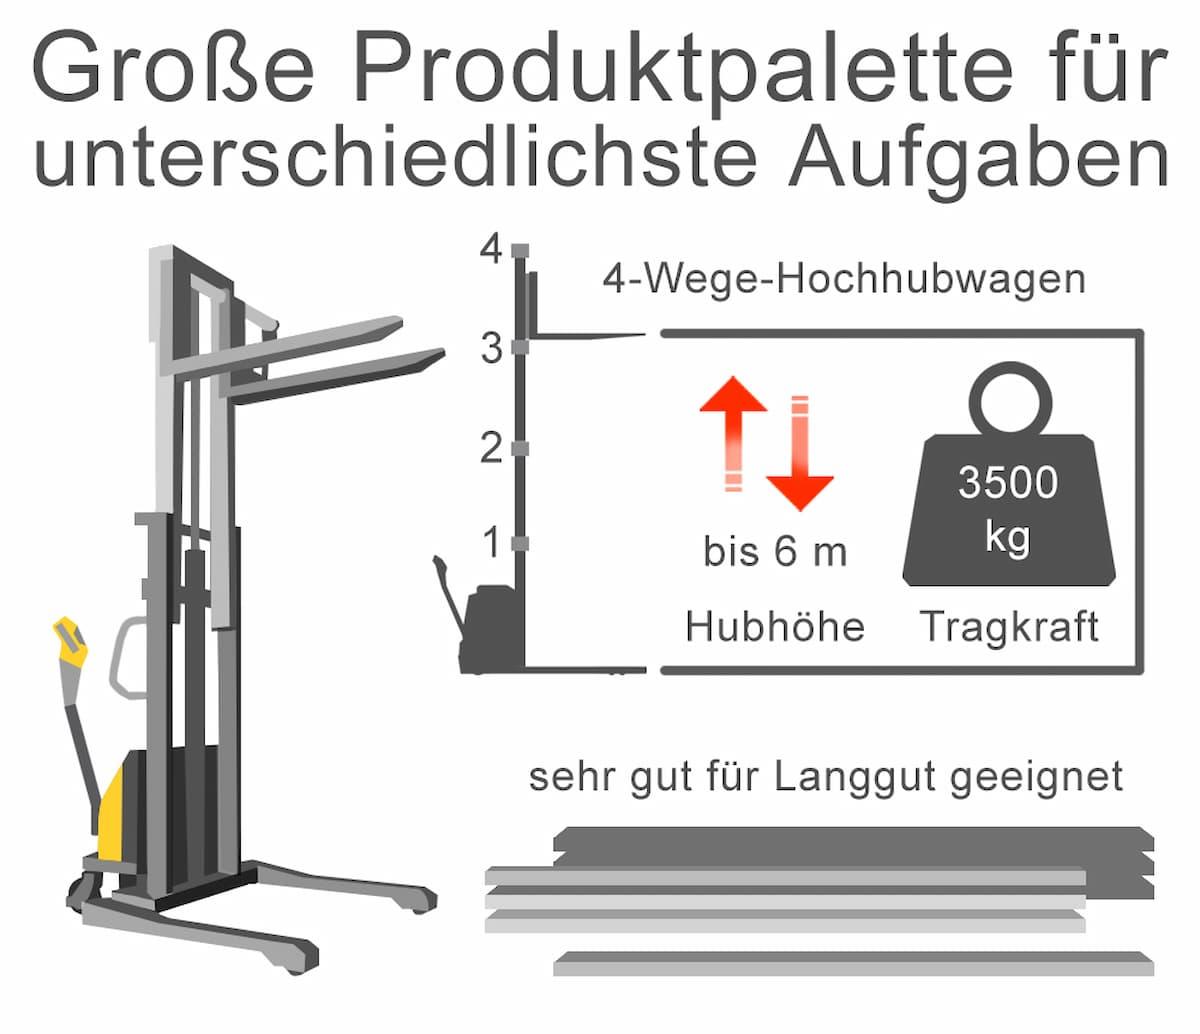 Elektrische Hochhubwagen: Große Produktpalette für unterschiedliche Aufgaben